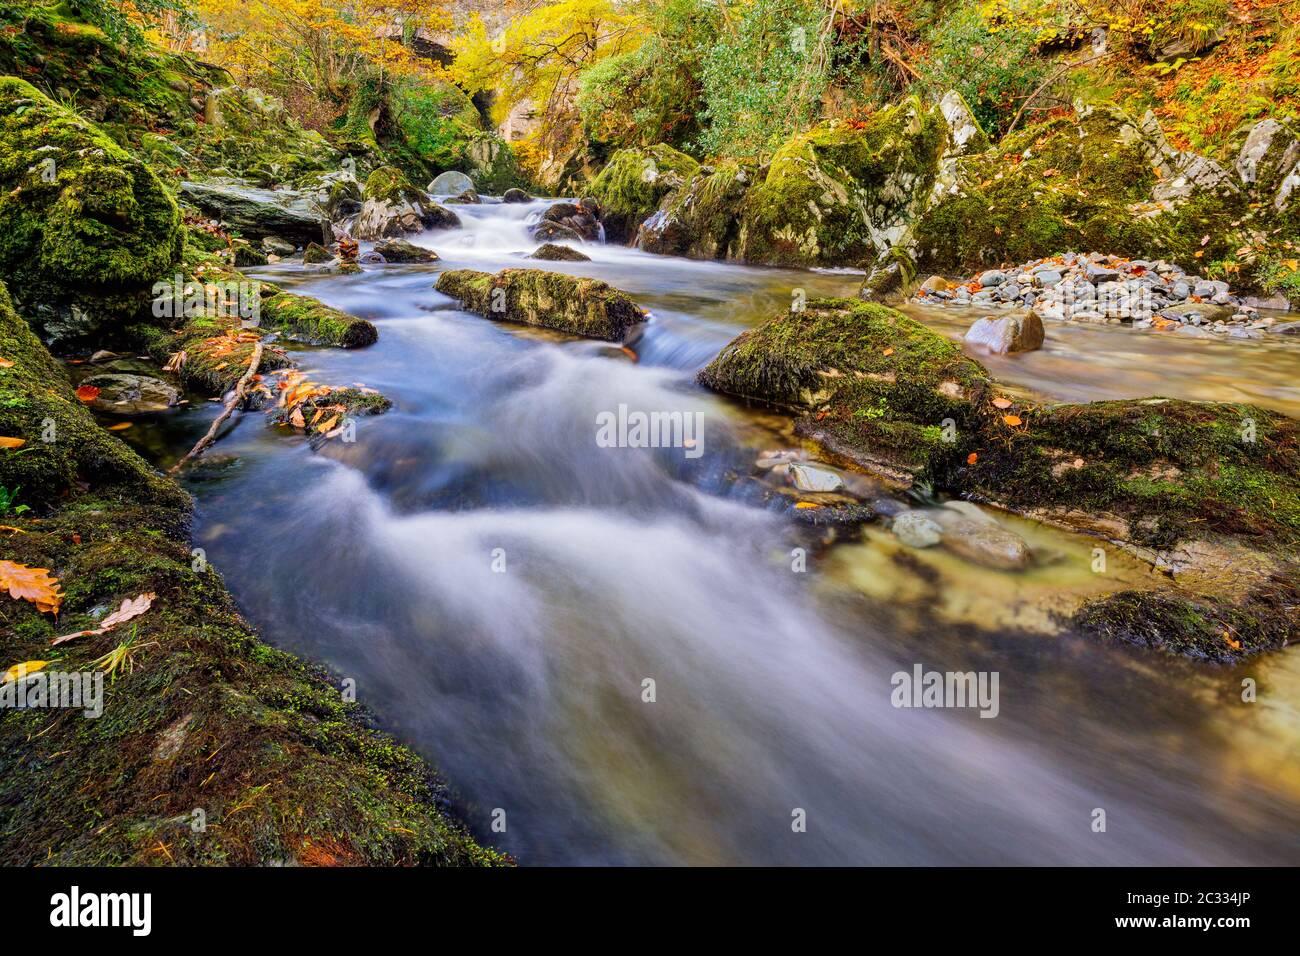 Cascadas en un arroyo de montaña con rocas moscosas en el Parque Forestal Tollymore Foto de stock